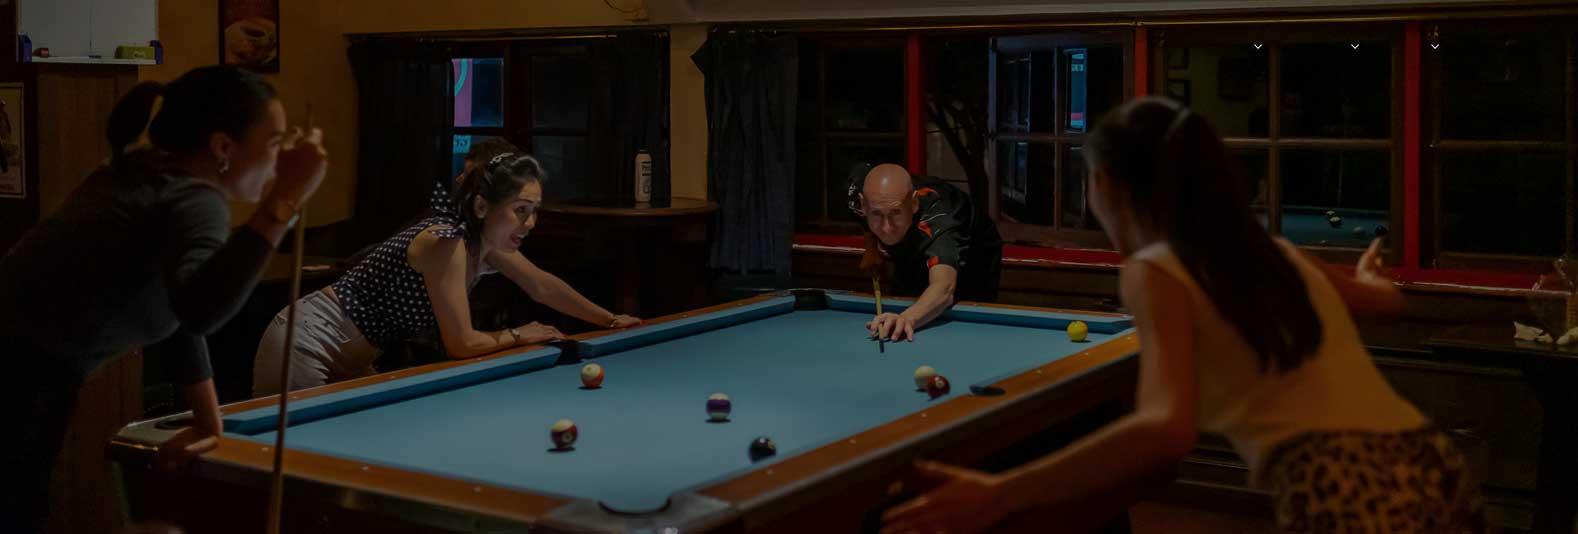 Leagues & Pub Games